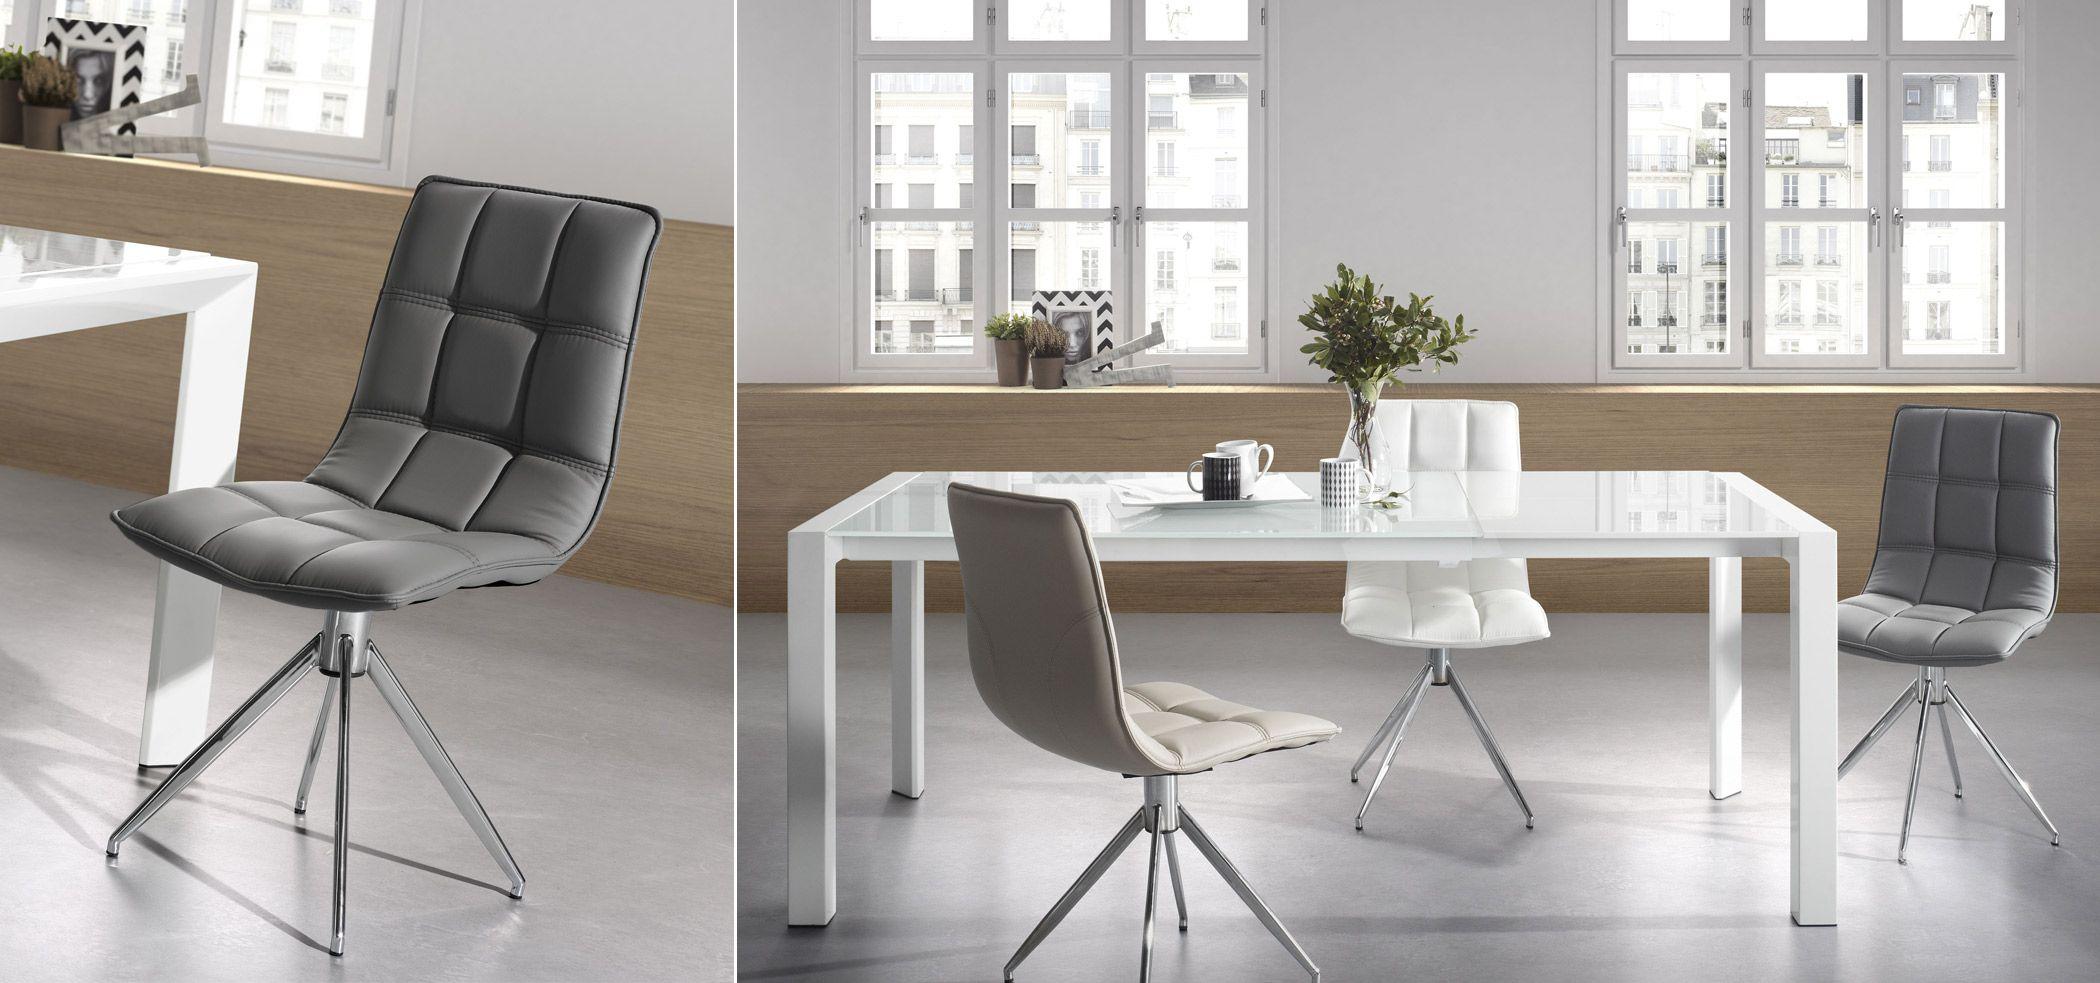 Table Extensible Kara 160 220 Cm Blanc Idees Pour La Maison